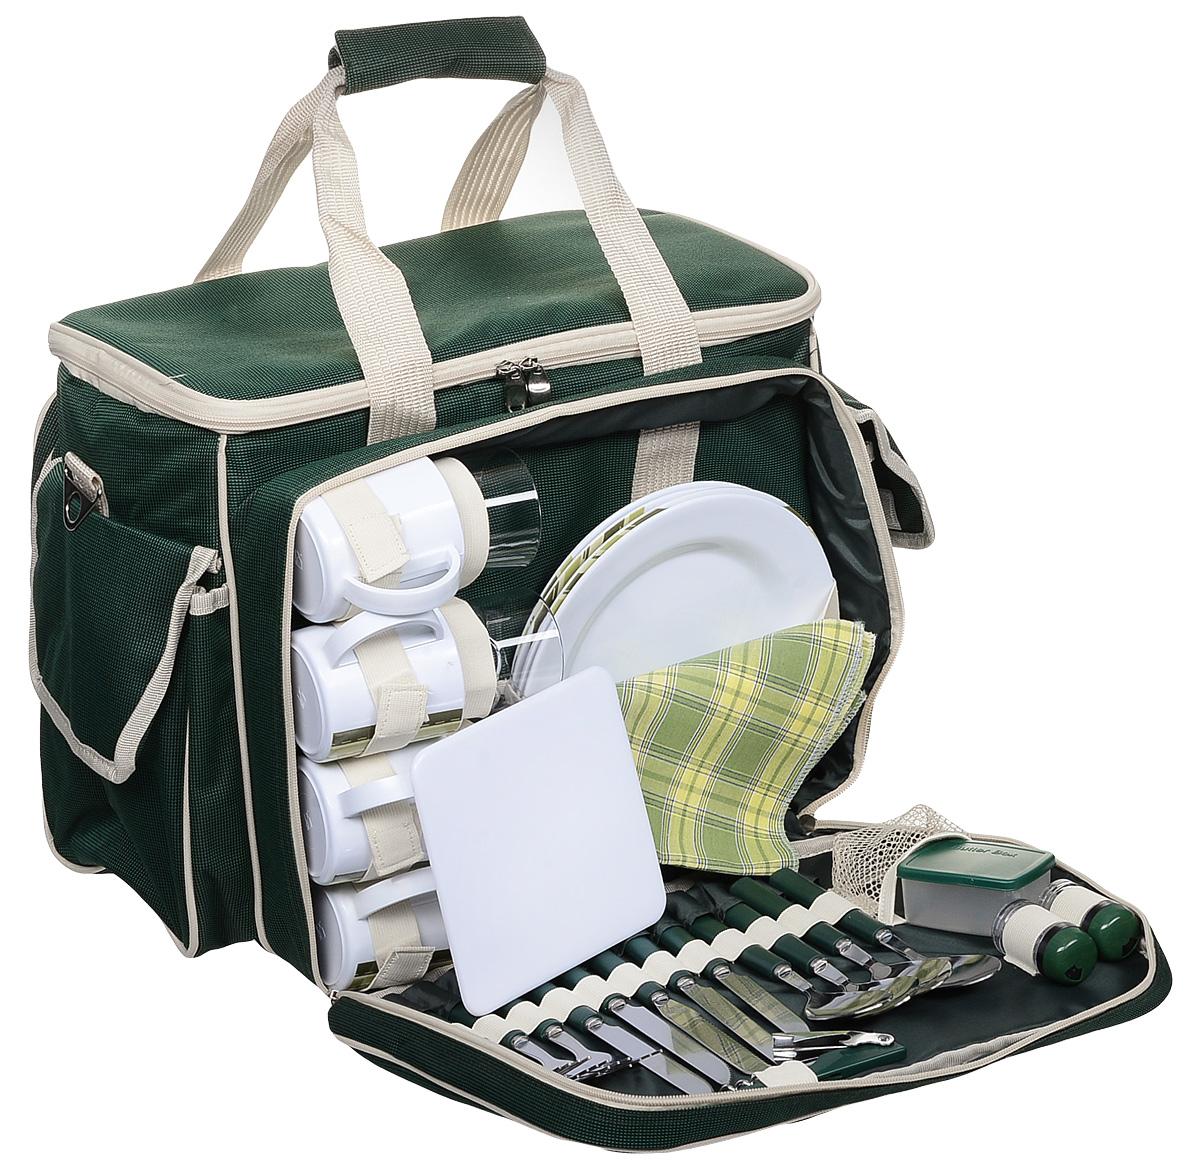 Набор для пикника Green Glade, цвет: зеленый, бежевый, на 4 персоны, 35 предметов. T31347003Набор для пикника Green Glade рассчитан на 4 персоны. Предметы набора хранятся во вместительном отделении удобной сумки с регулируемой лямкой и ручками. У сумки одно большое отделение с термоизоляционным слоем. Также имеются три вместительных кармашка. Все предметы набора надежно фиксируются внутри сумки специальными эластичными фиксаторами. В набор входит: - изотермическая сумка-холодильник: 1 шт, объем: 30 л, размер 48 см х 36 см х 33 см, - ножи: 4 шт, длина 20,5 см, - вилки: 4 шт, длина 19 см, - ложки: 4 шт, длина 19 см, - стаканы пластиковые: 4 шт, объем: 250 мл, - чашки пластиковые: 4 шт, объем: 250 мл, - тарелки пластиковые: 4 шт, диаметр 22,5 см, - салфетки хлопковые: 4 шт, - солонка: 1 шт, - перечница: 1 шт, - складной нож со штопором и открывалкой: 1 шт, длина16,5 см, - нож для сыра/масла: 1 шт, длина 19 см, - емкость для сыра/масла: 1 шт, размер 7,5 см х 6 см х 3,5 см, - пластиковая разделочная доска: 1 шт, размер 15 см х 15 см х 0,5 см.Набор для пикника Green Glade обеспечит полноценный отдых на природе для большой компании или семьи. Сумка холодильник поможет сохранить свежесть ваших продуктов до 12 часов (при использовании аккумулятора холода).